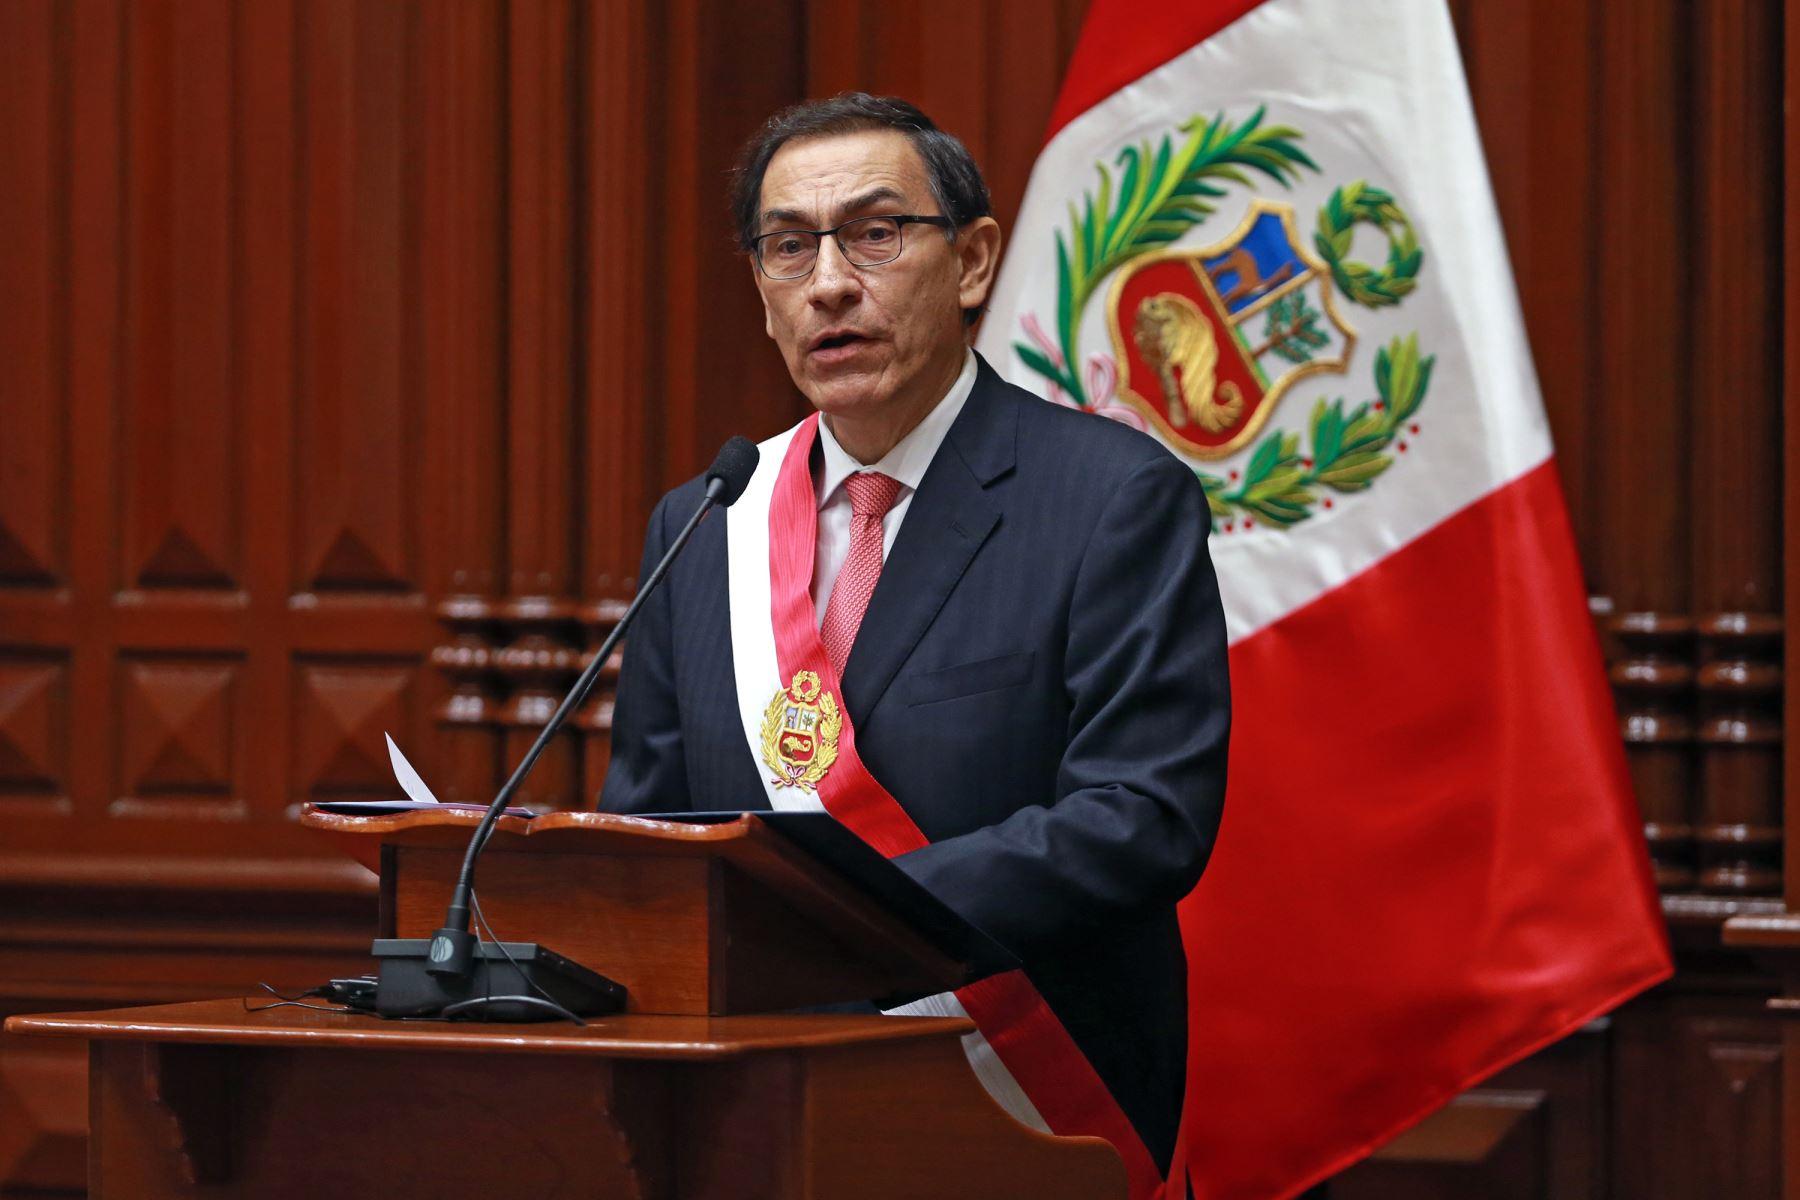 Mensaje del Señor Presidente Martín Vizcarra a la comunidad peruana en el exterior, con ocasión del aniversario de la Independencia Nacional - Representación Permanente del Perú ante la OEA, Washington DC